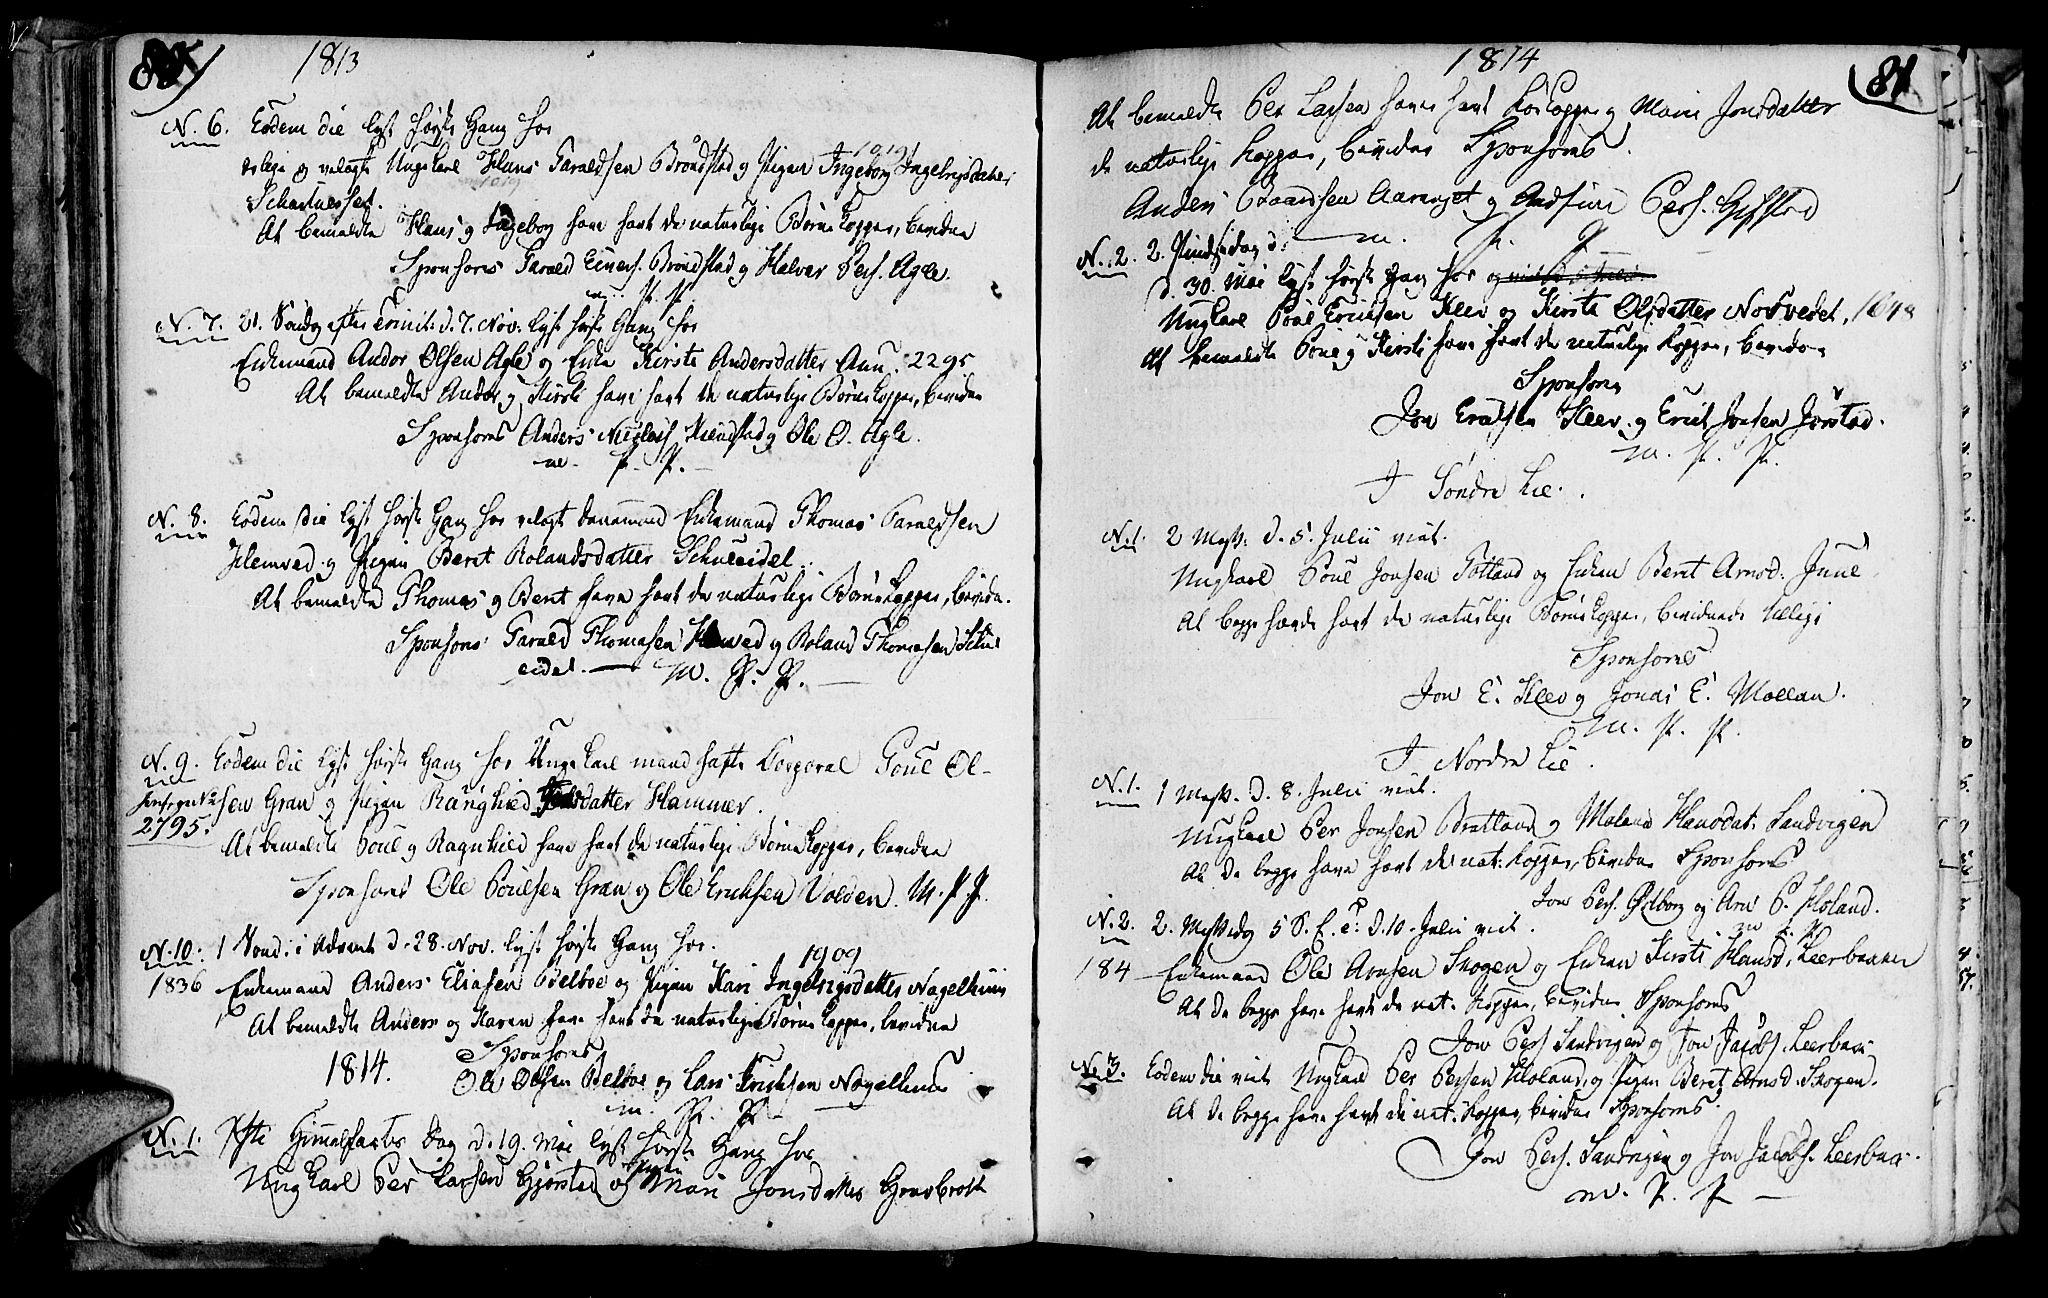 SAT, Ministerialprotokoller, klokkerbøker og fødselsregistre - Nord-Trøndelag, 749/L0468: Ministerialbok nr. 749A02, 1787-1817, s. 80-81